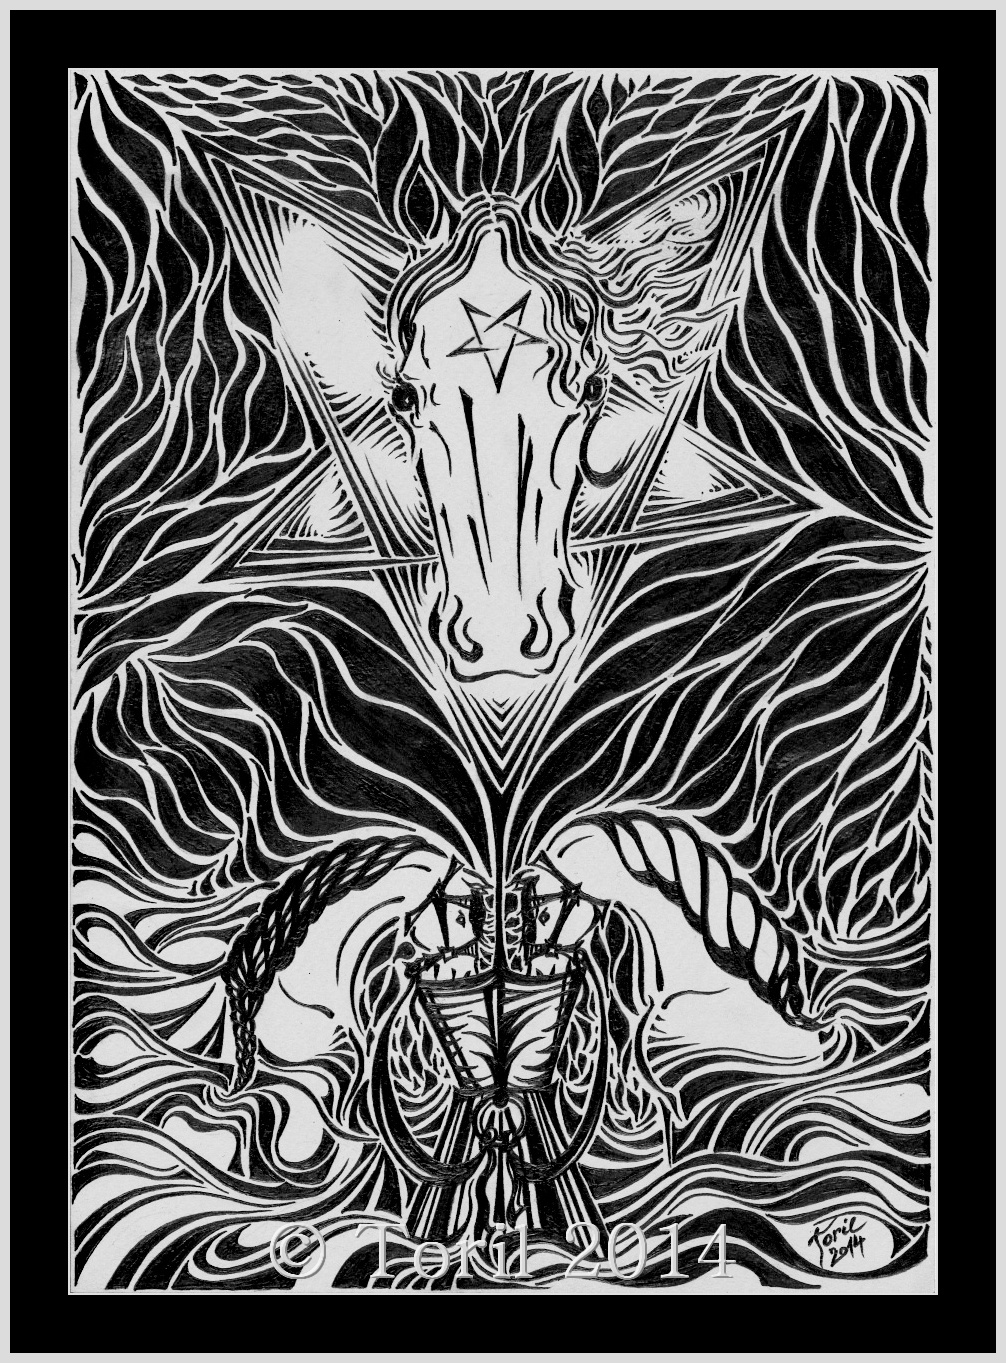 Dabel Kresba C 15 Konsky Tarot Reprodukce A4 Zbozi Prodejce